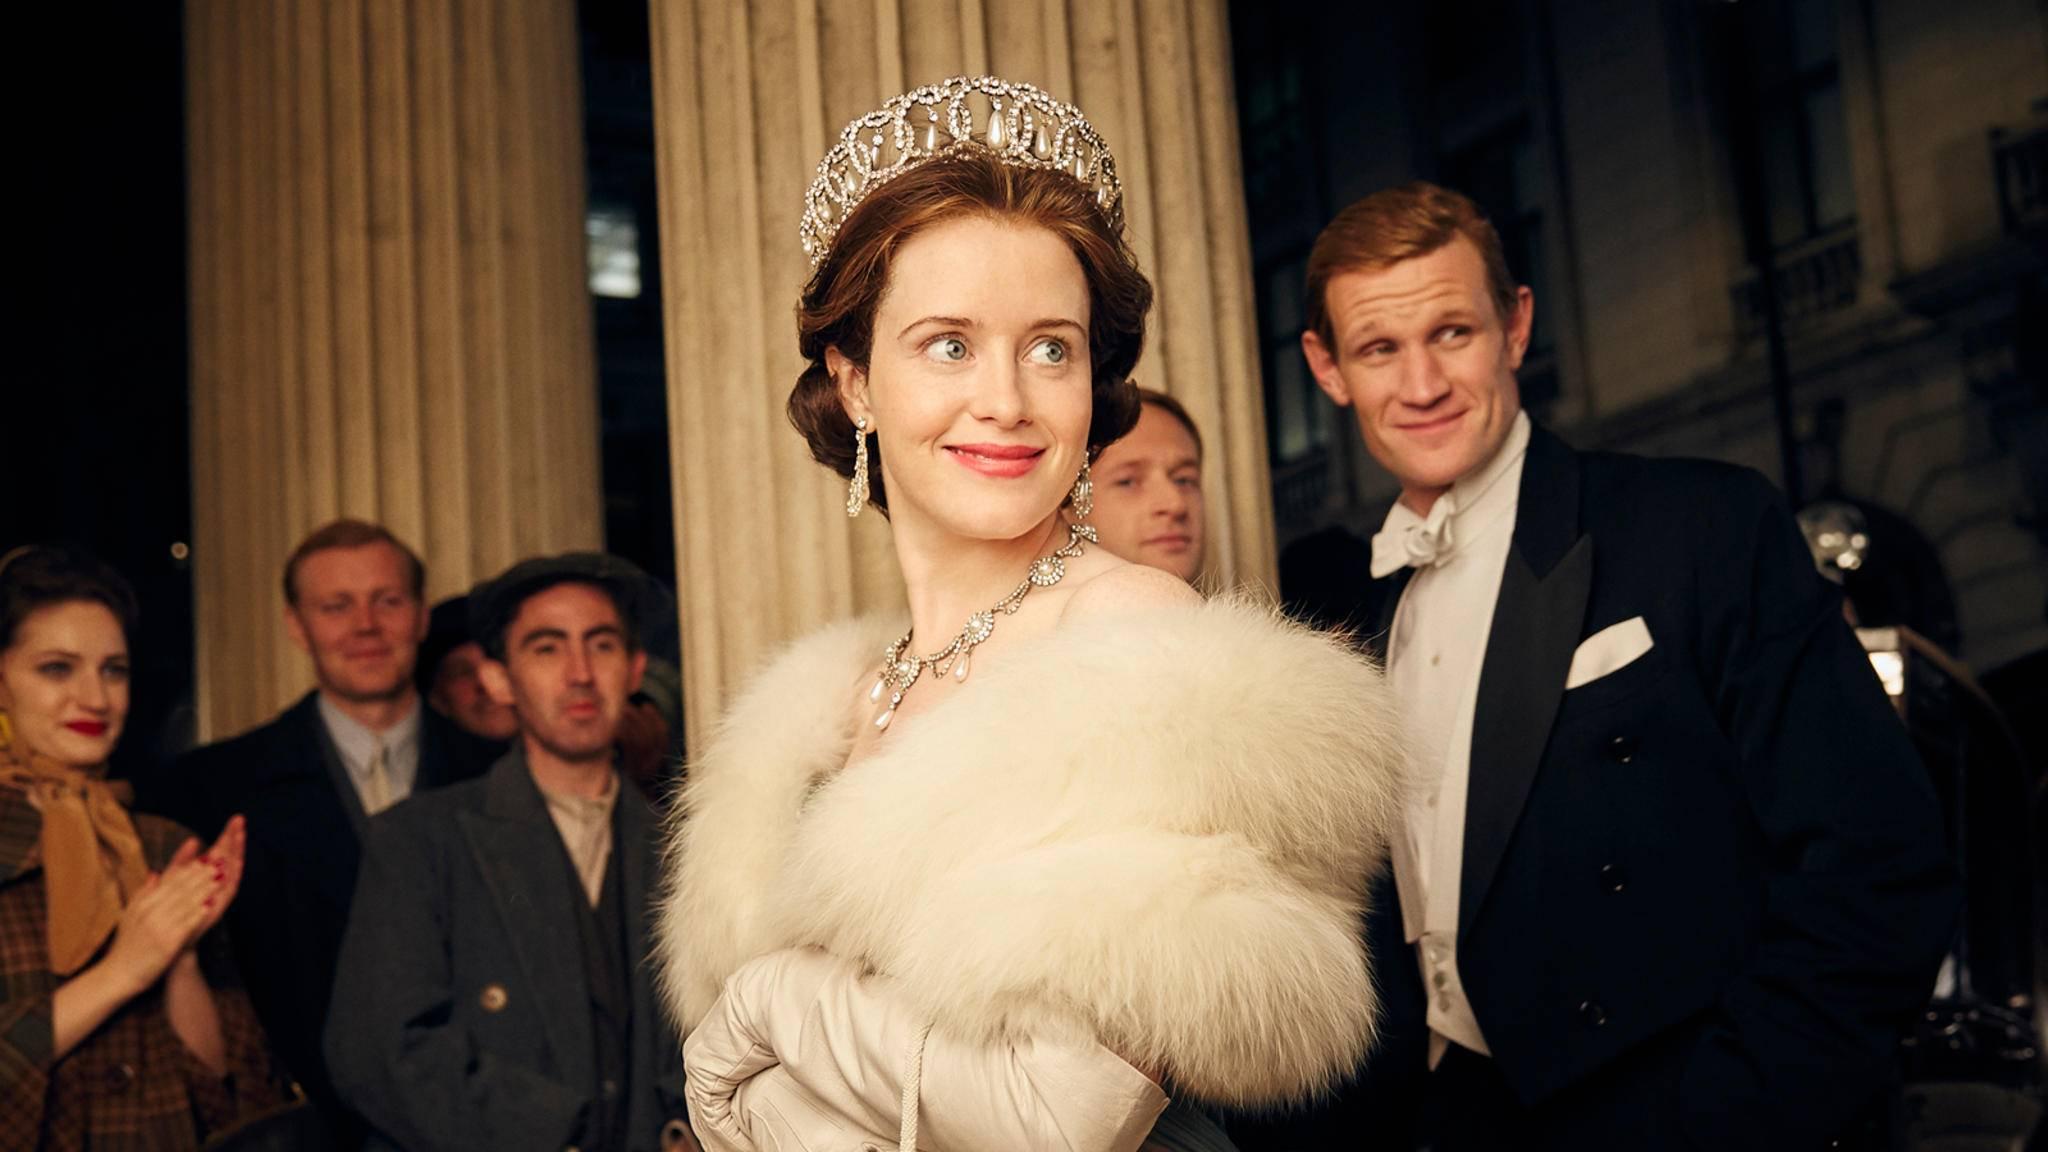 """Ende 2017 wird voraussichtlich Staffel 2 von """"The Crown"""" auf Netflix starten."""